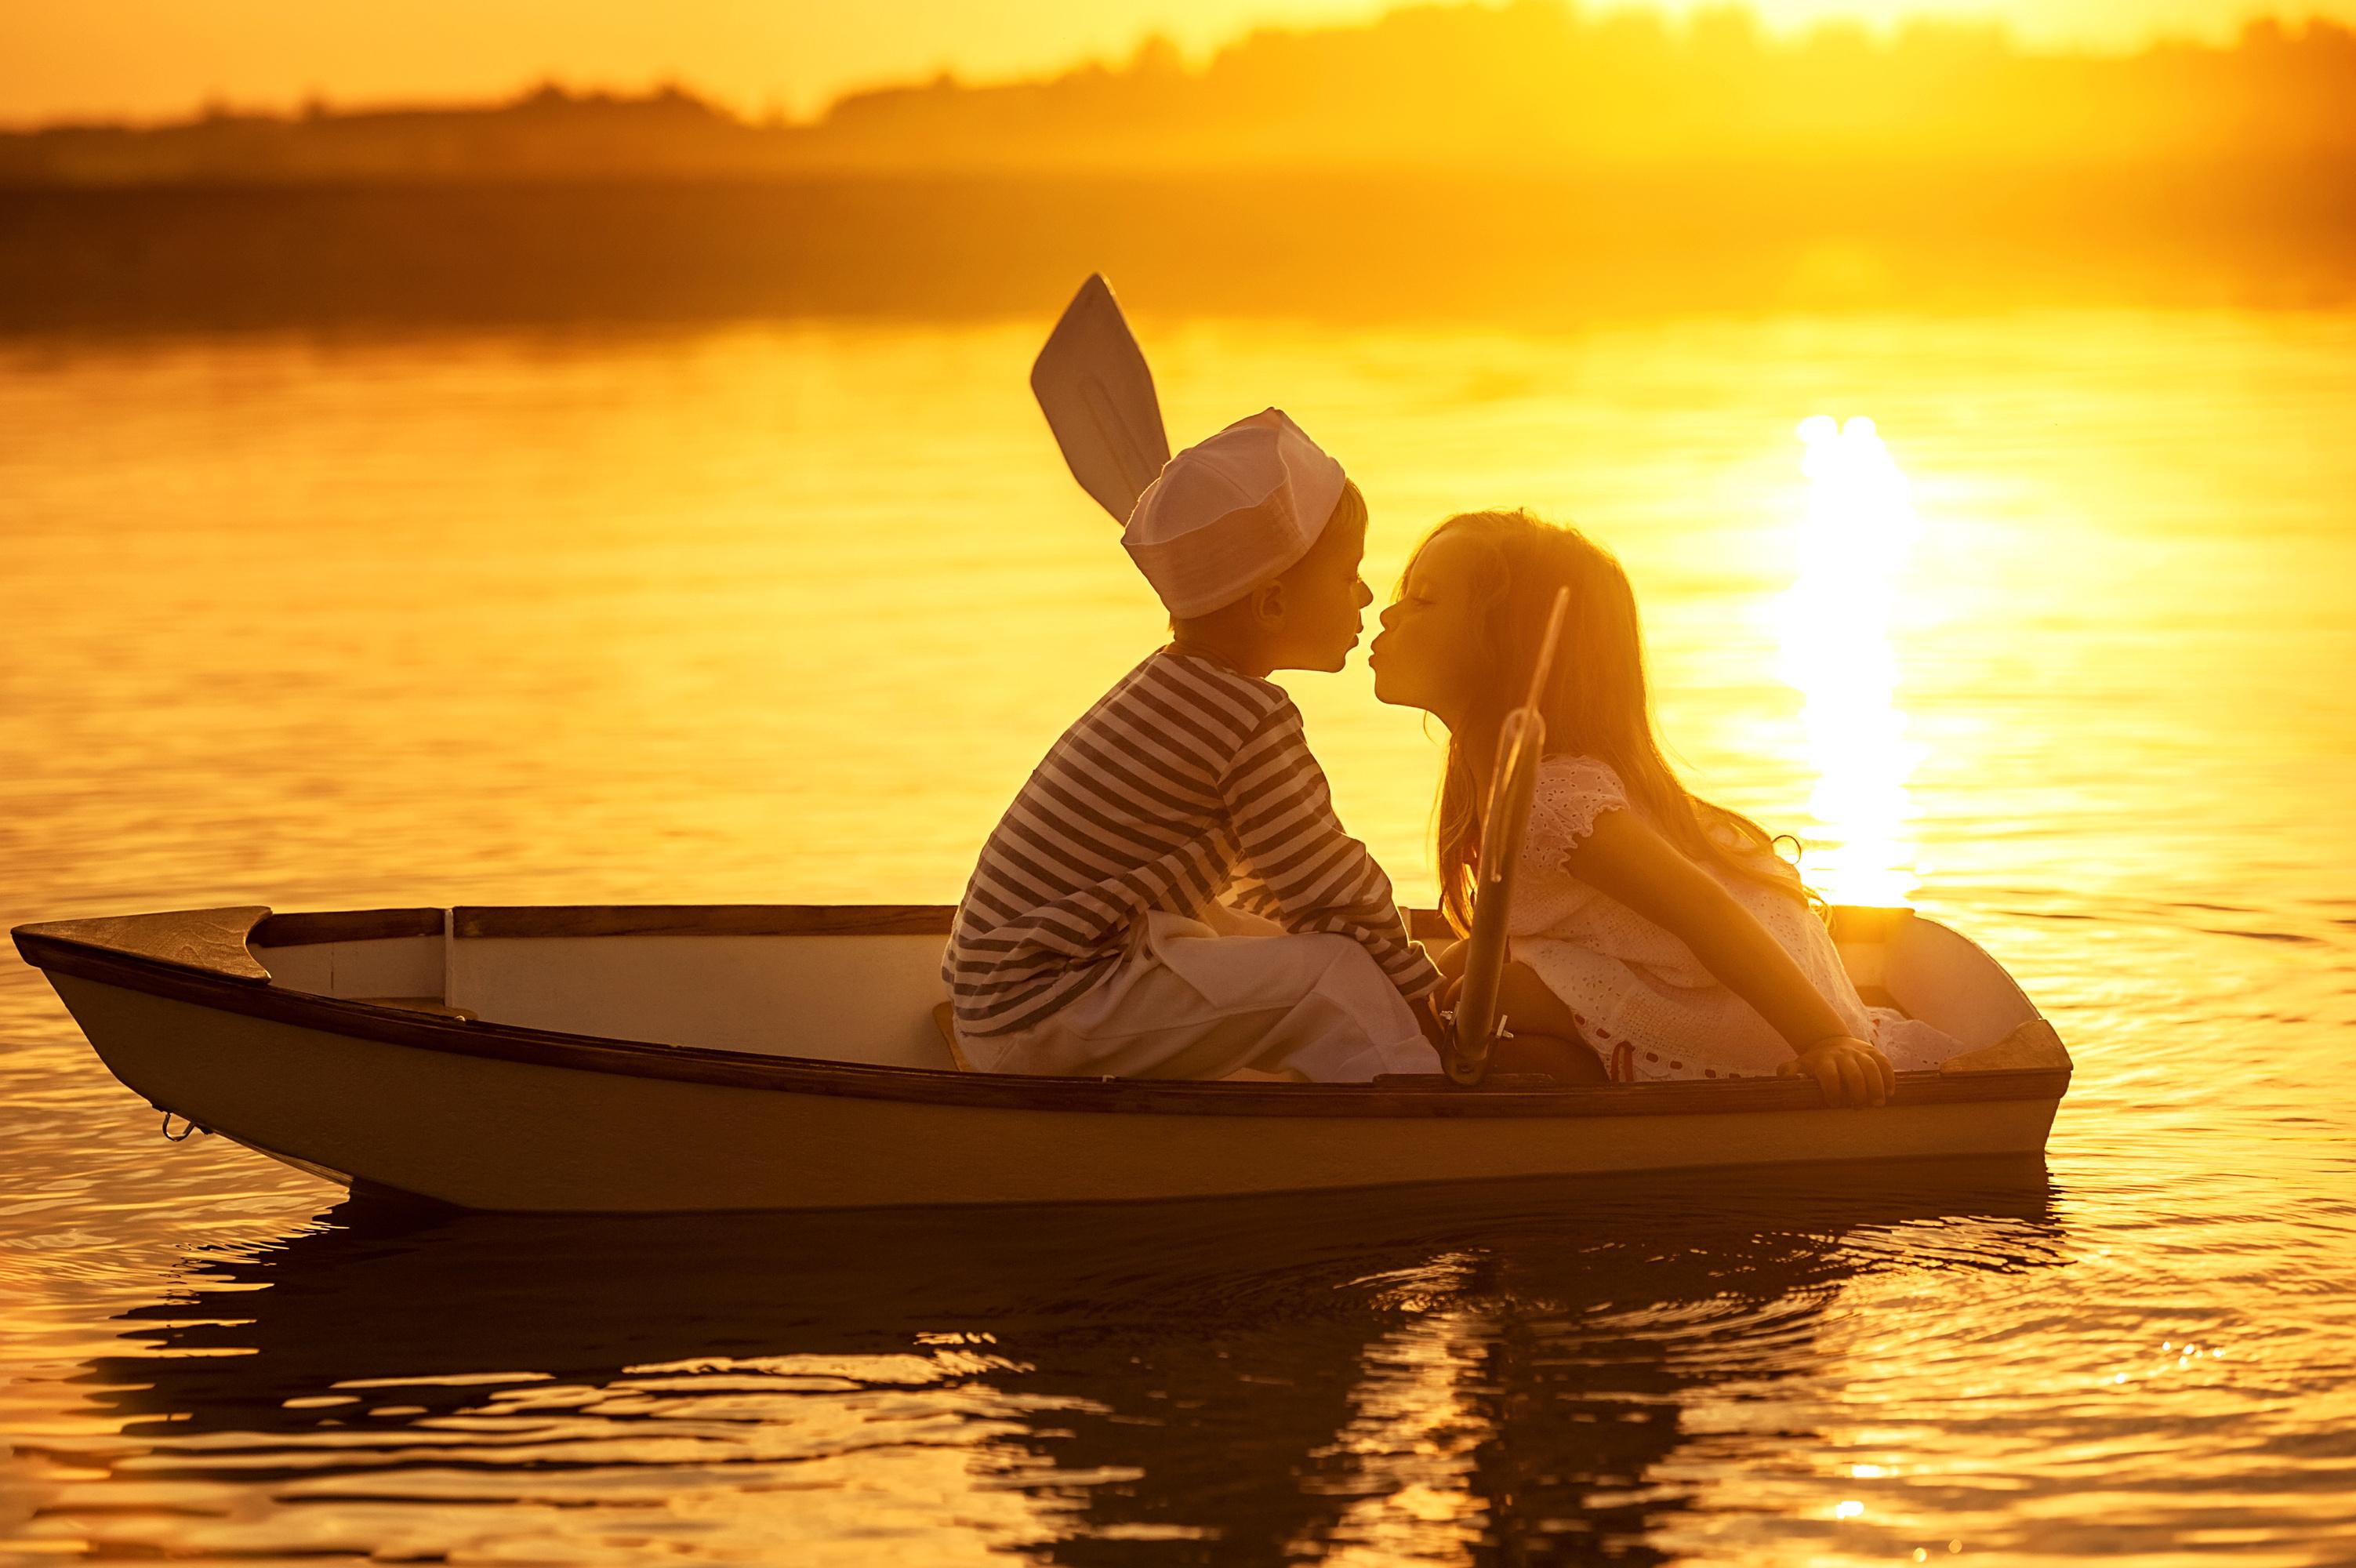 были и лодка и море минус